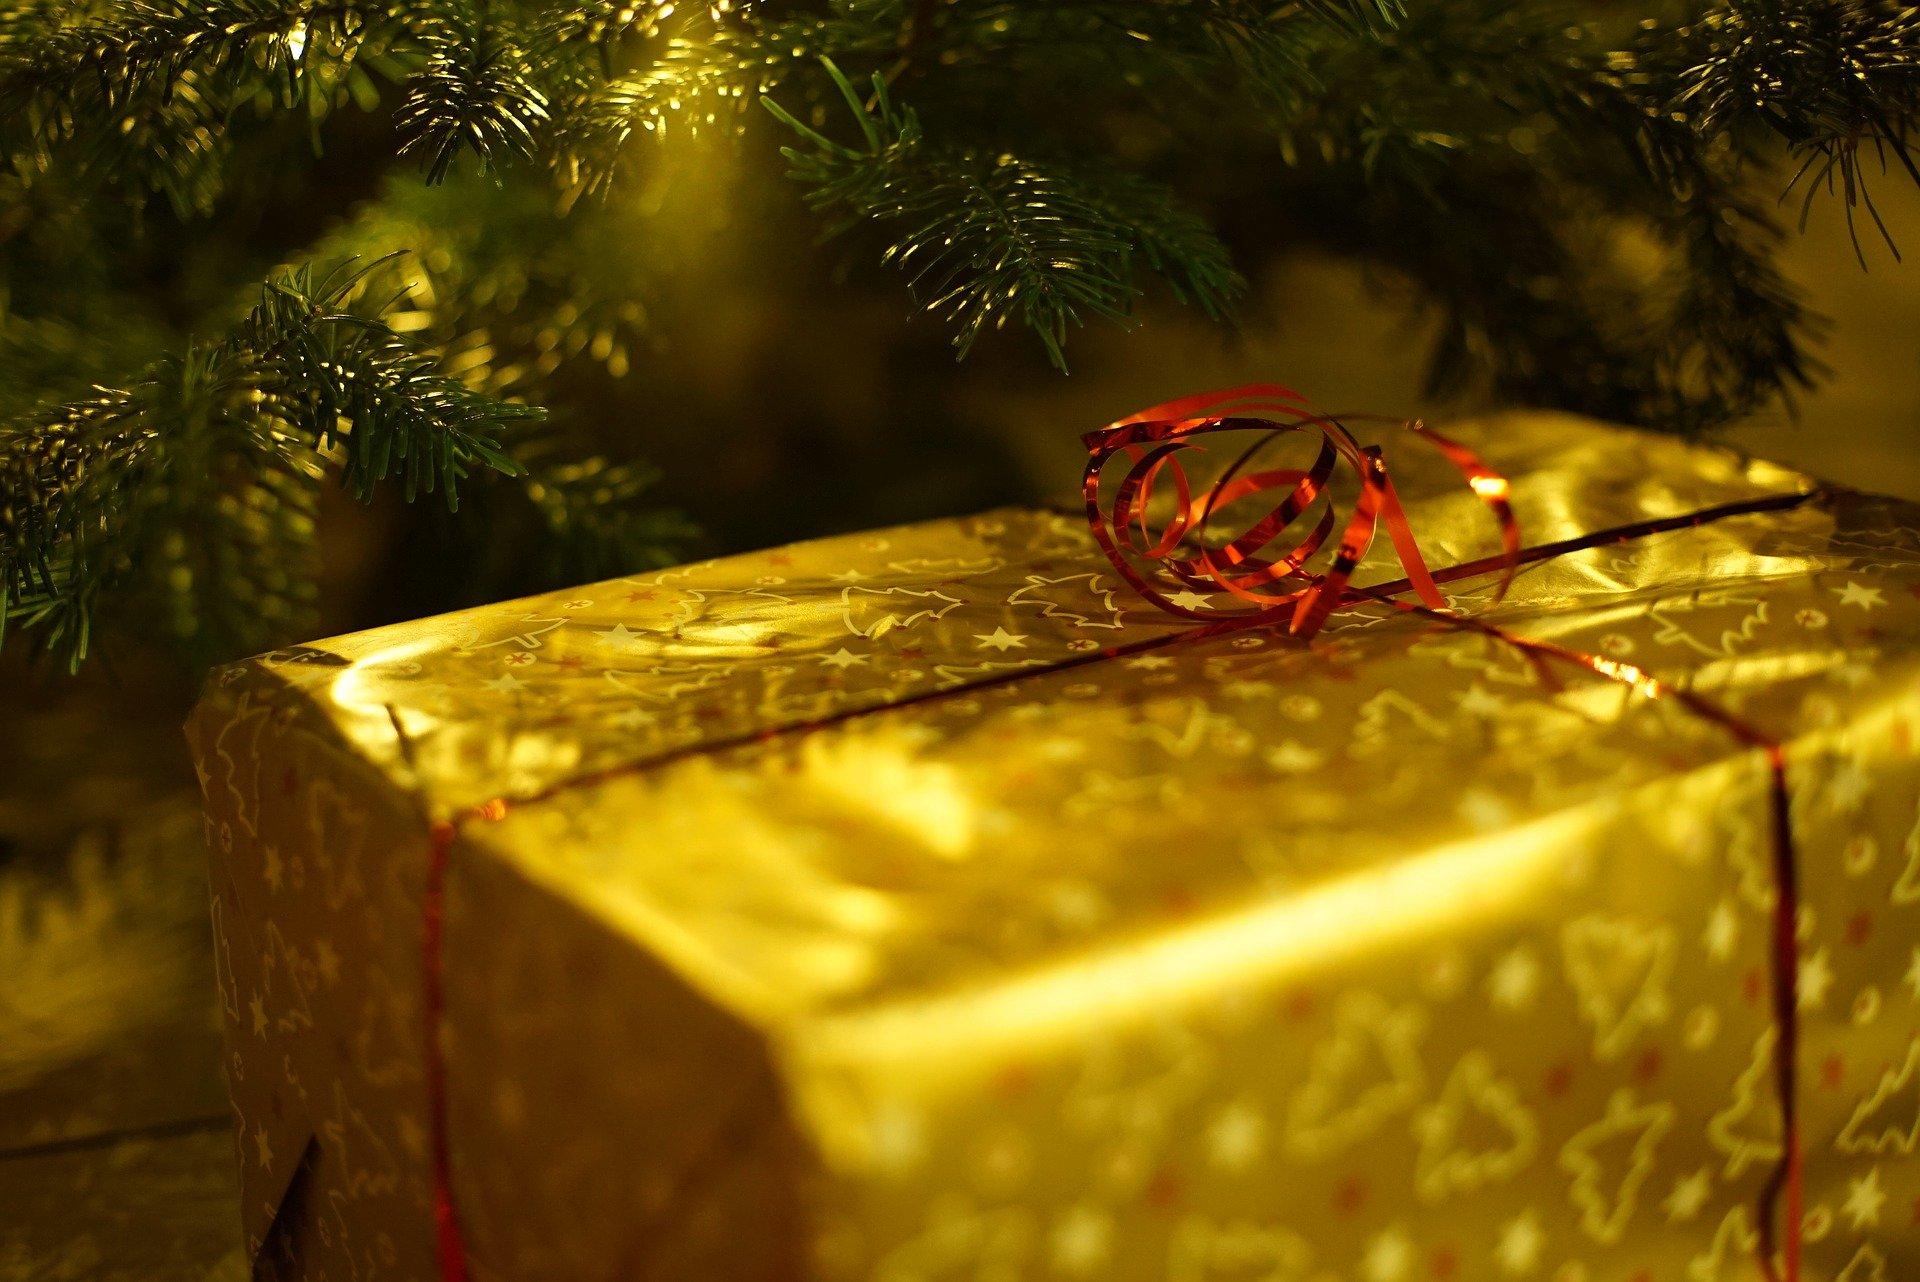 Pomysły na prezenty świąteczne - uniwersalnie, naturalnie, mineralnie